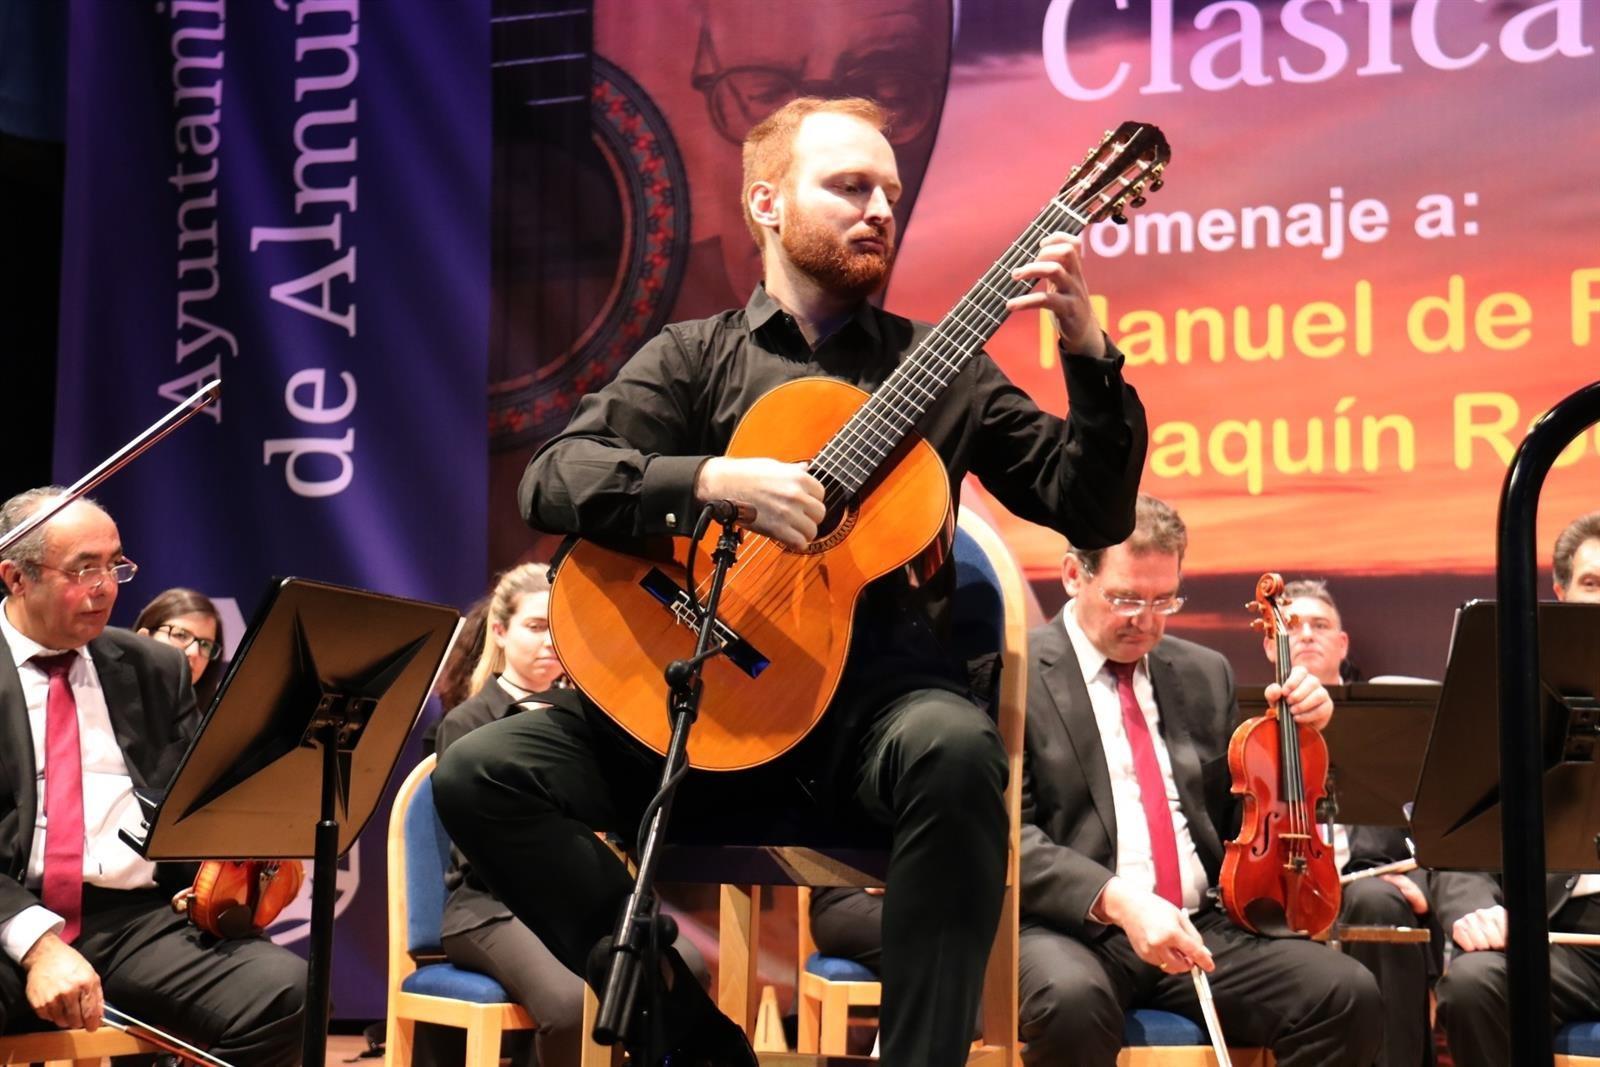 El certamen de guitarra clásica Andrés Segovia homenajea a Piazzolla en 2021